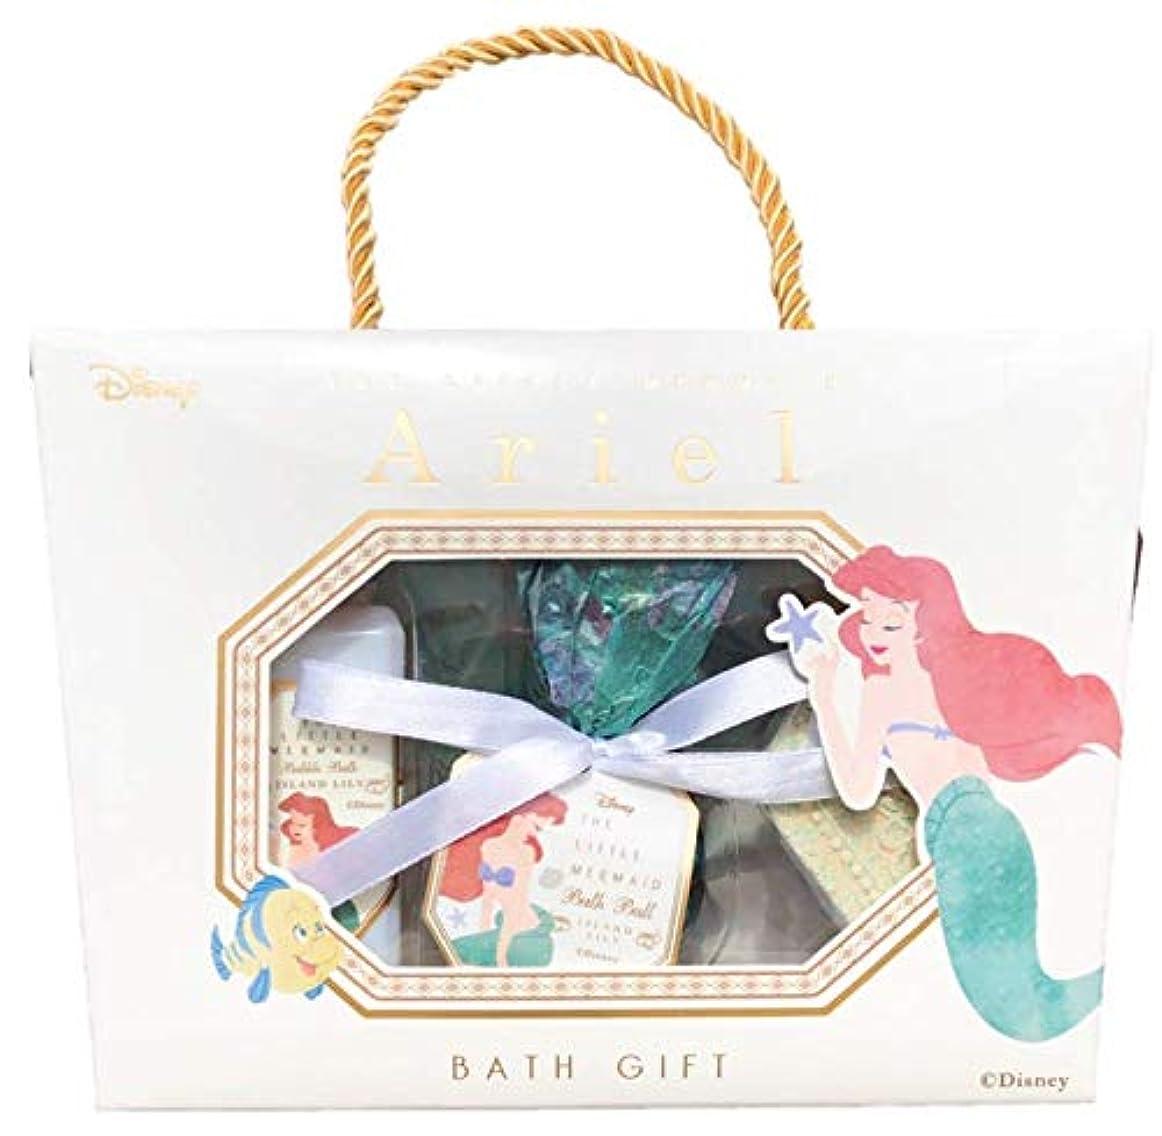 あいさつ不機嫌そうなに対応ディズニー(Disney)SHO-BI バスギフトM ギフトセット アリエル ディズニープリンセス リトルマーメイド 入浴剤 ギフト バスギフトセット プレゼント 大人 女の子 かわいい Ariel